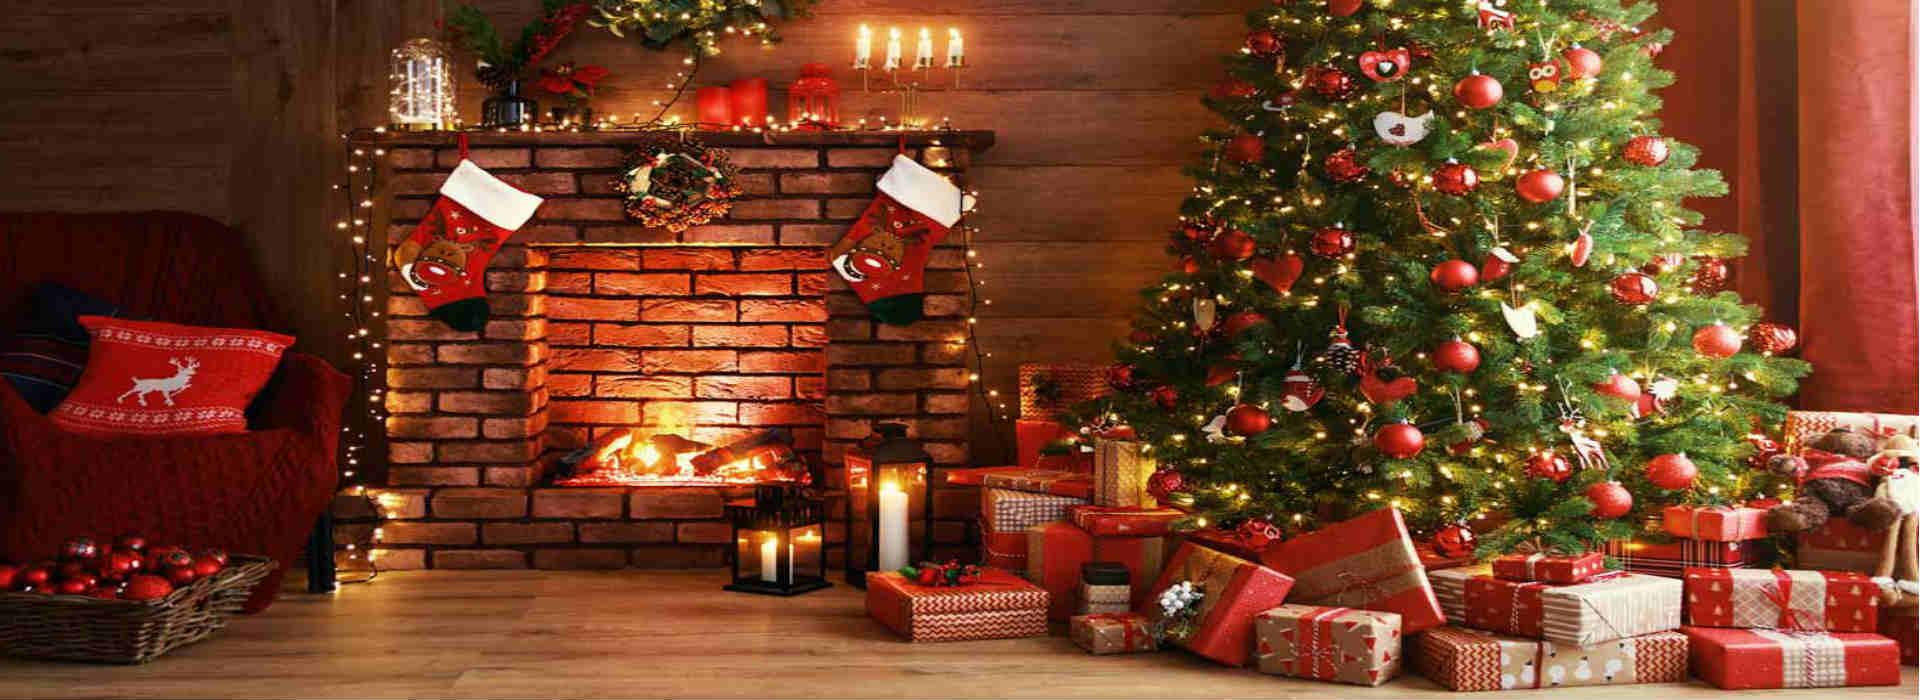 Natale e Capodanno. Riposo